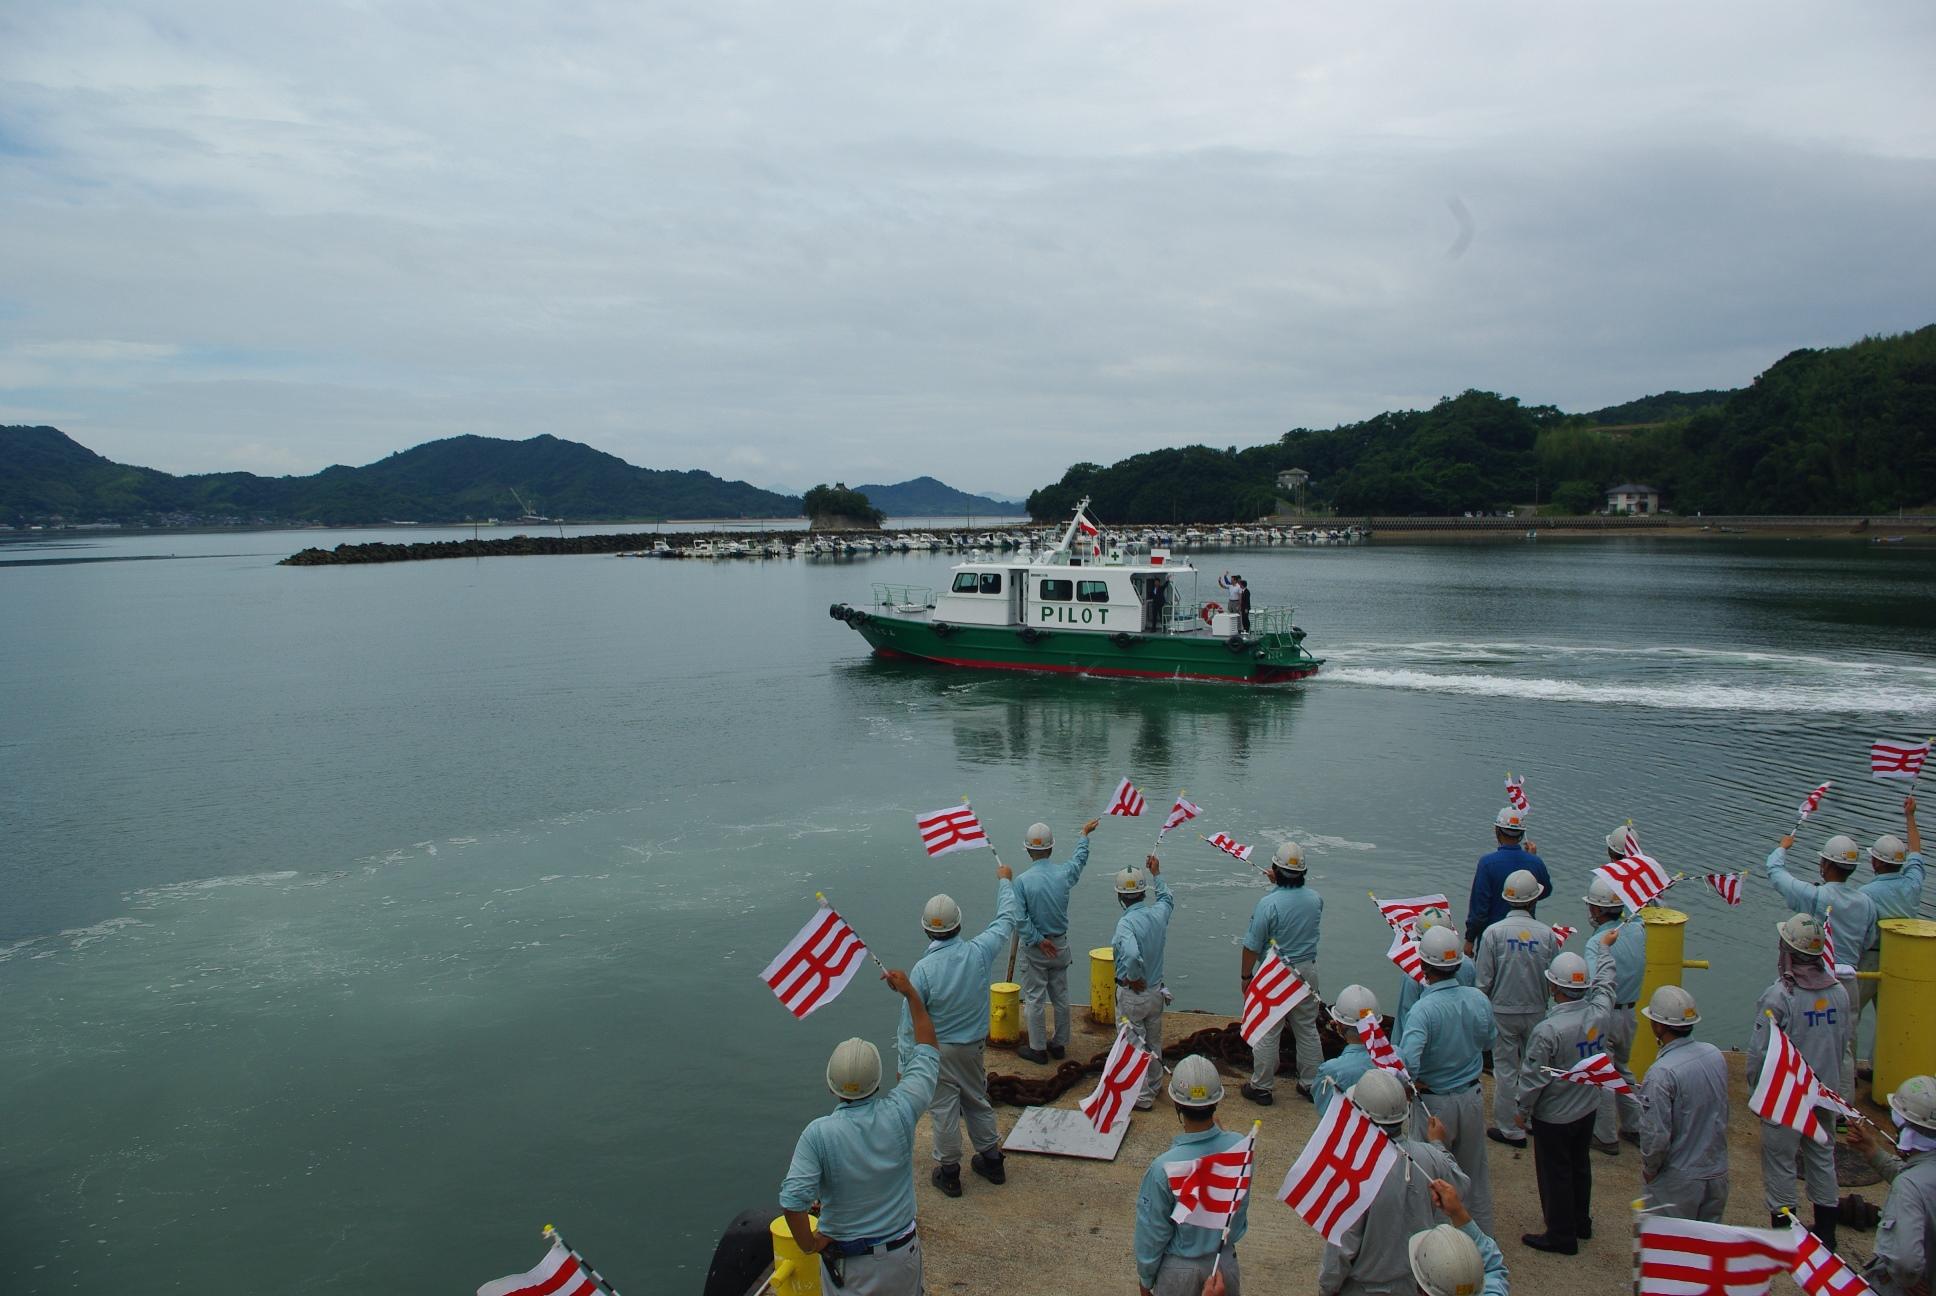 ツネイシクラフト&ファシリティーズが建造した水先船「あんじん」竣工・引渡 ~迅速で安全な運航を実現する船型~